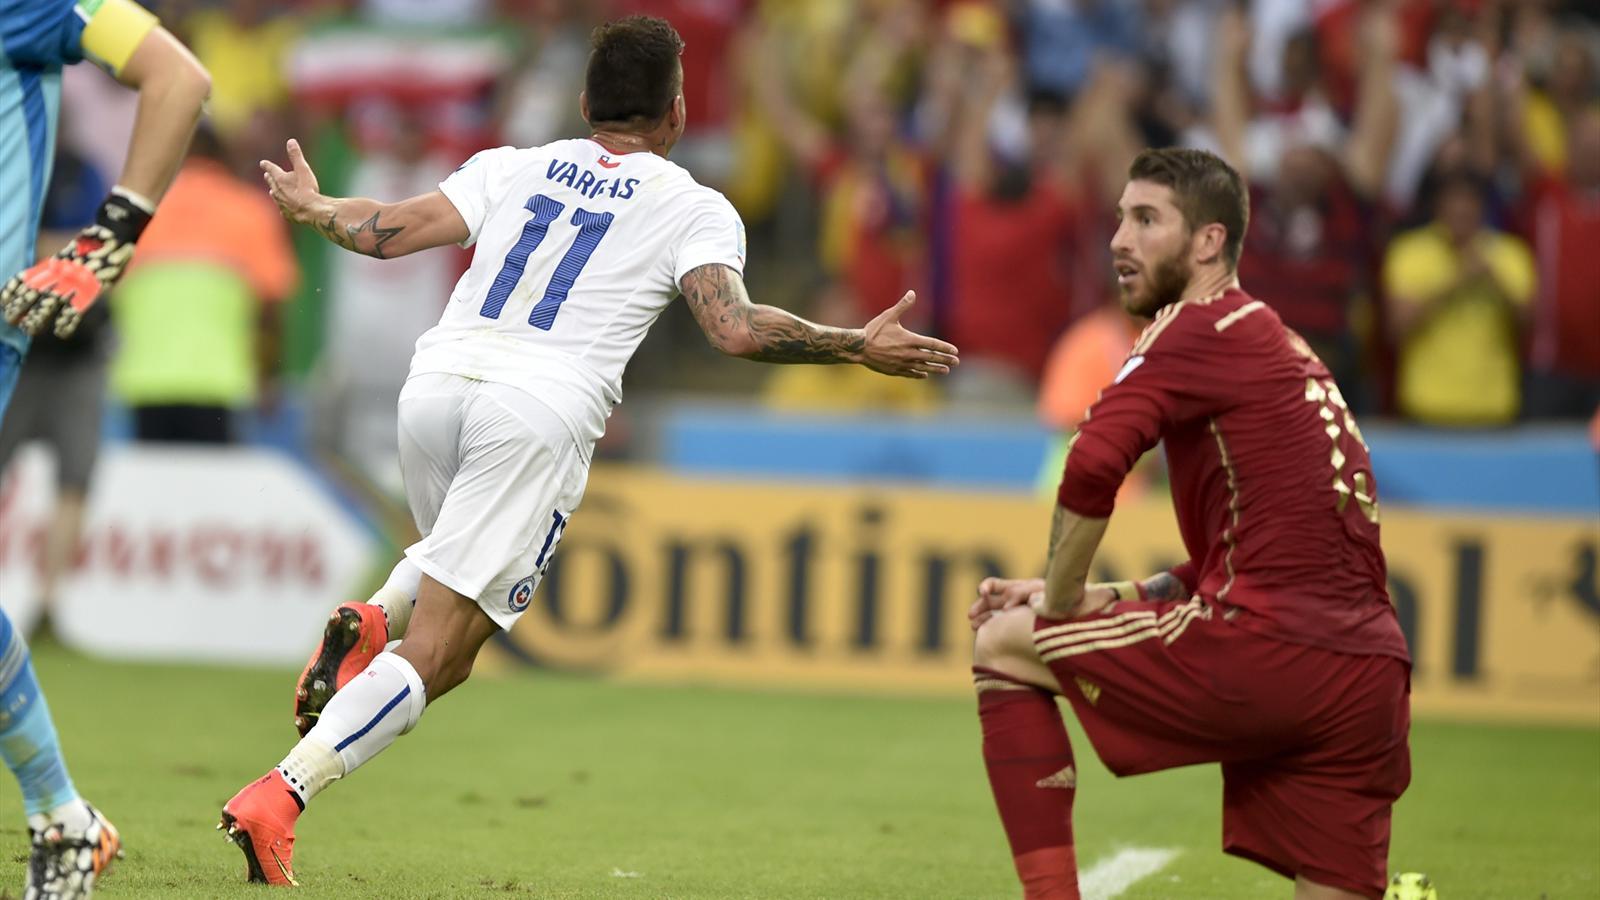 Mondial un coeur de jeu dense et des lat raux actifs - Jeu de coupe du monde 2014 ...